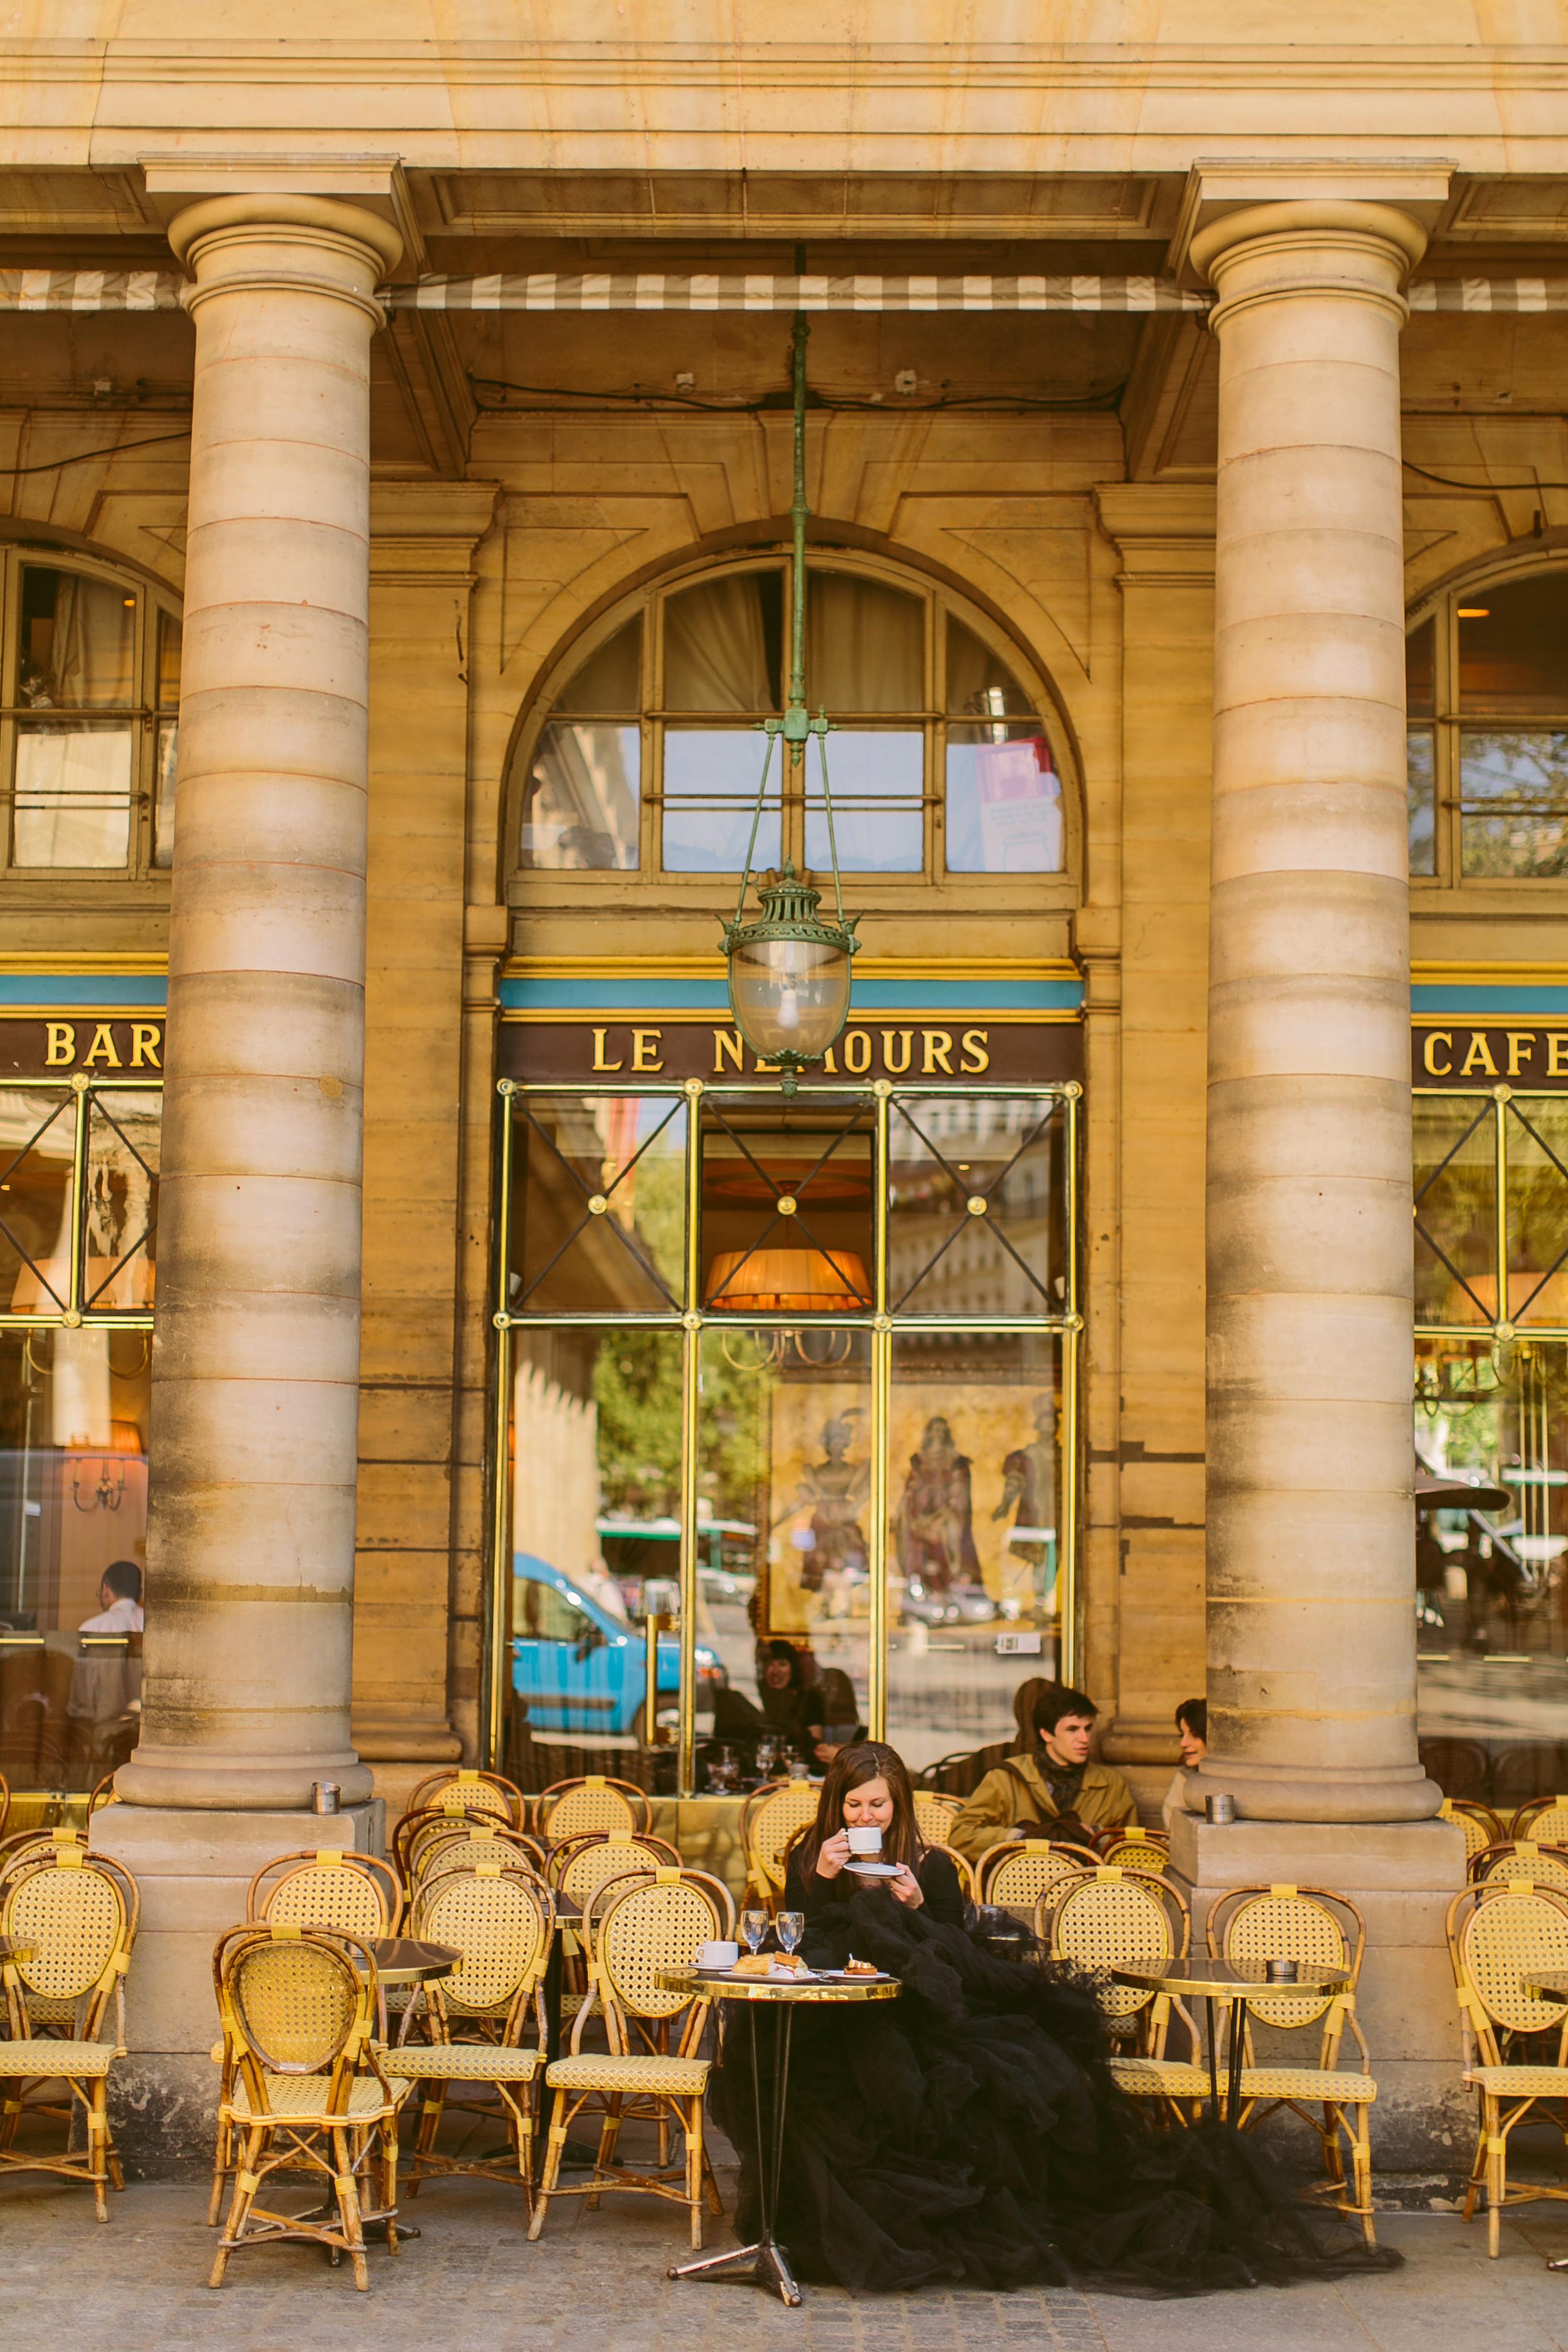 les_nemours_cafe_paris_aspiring_kennedy_lamour_de_paris